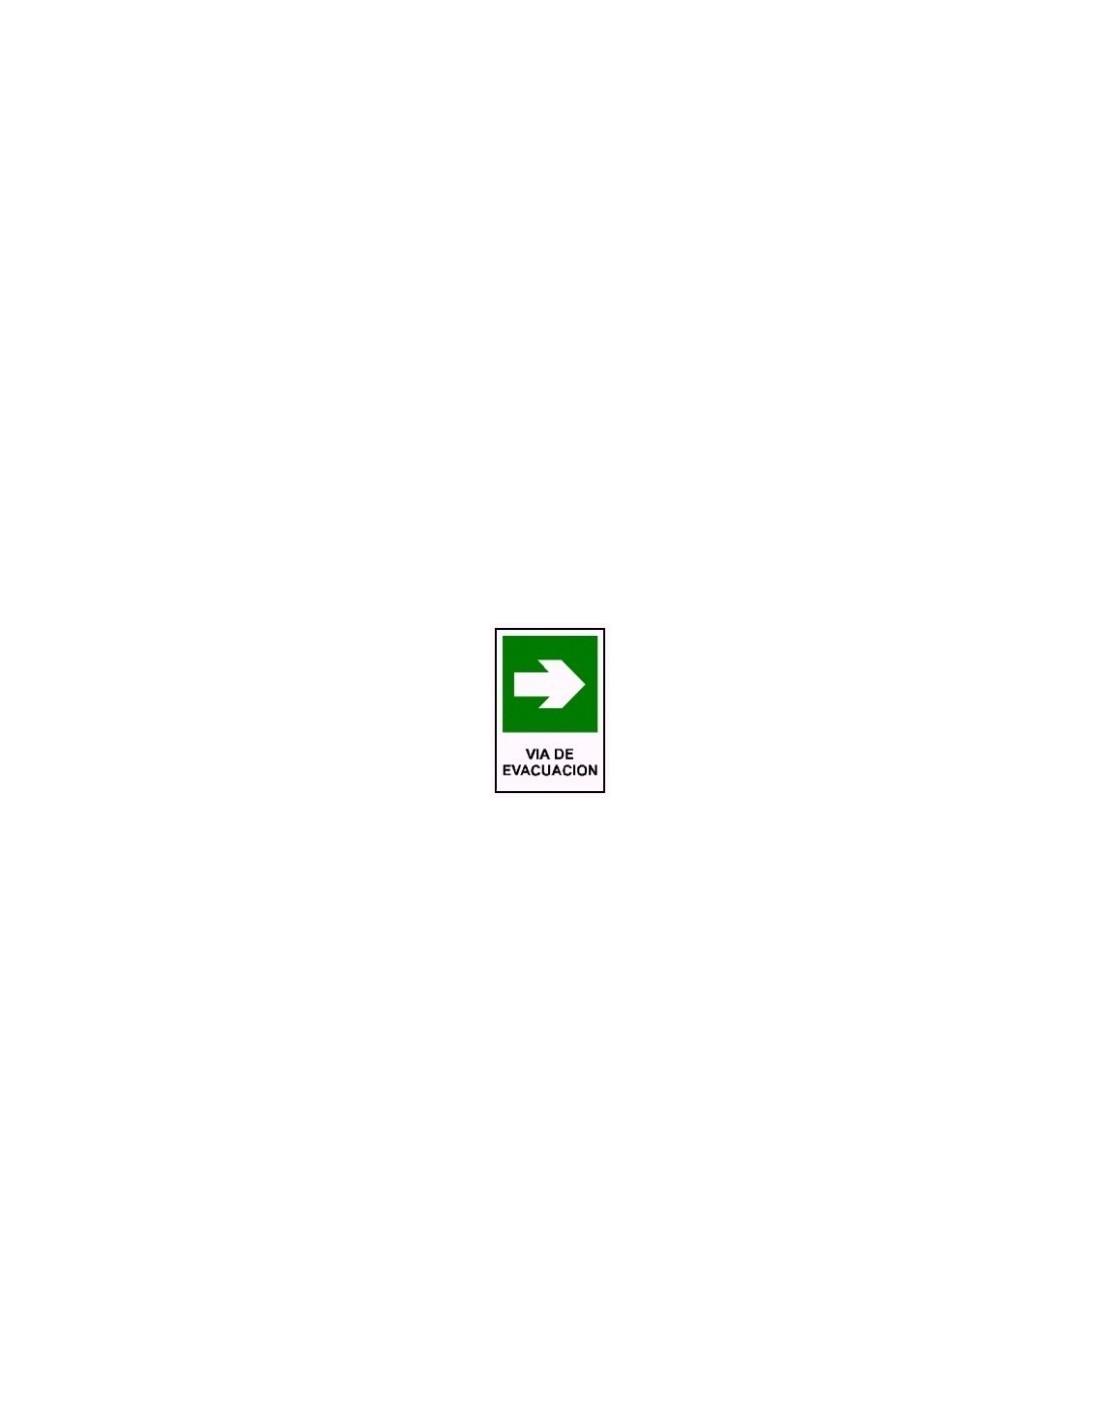 Gabinete extintor puerta malla ossa sistemas contra incendio - Puerta contra incendios ...